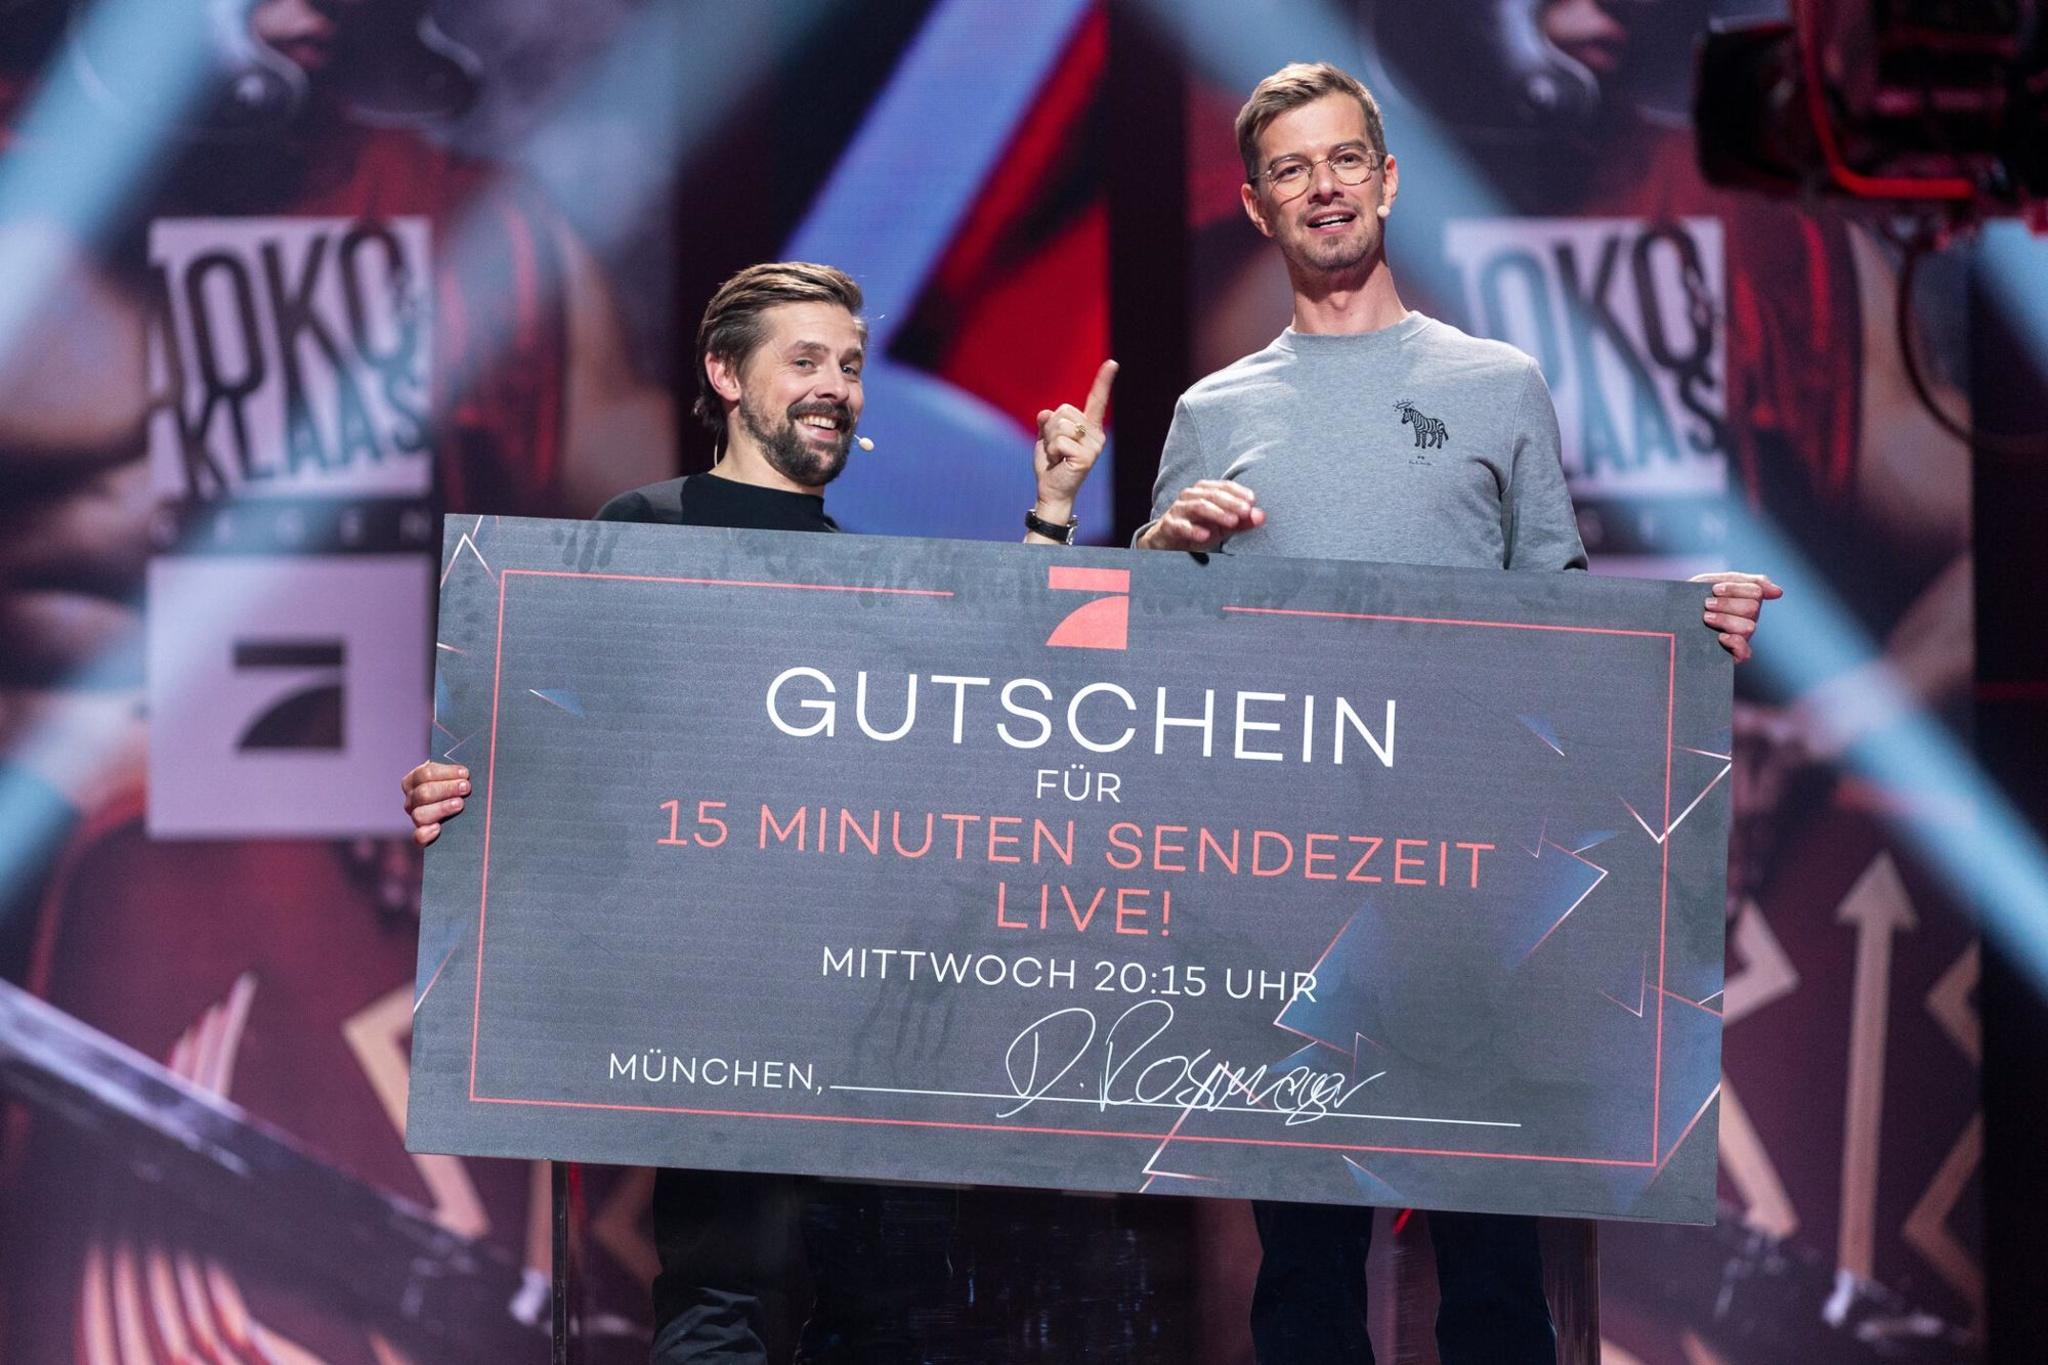 Einschaltquoten Joko Klaas Starten Stark In Neue Staffel